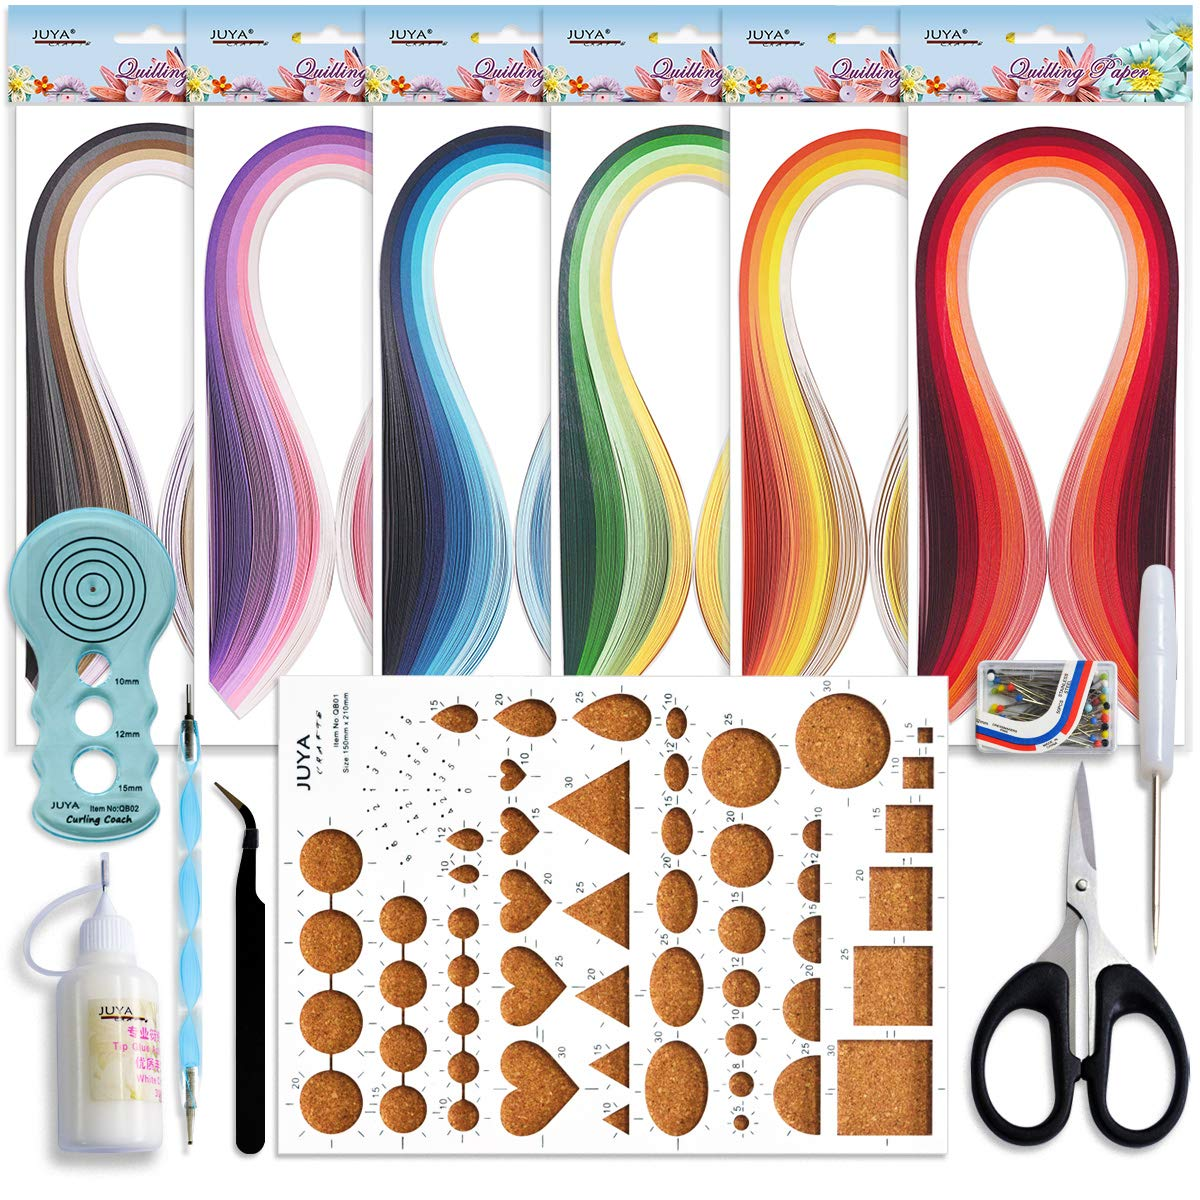 QUILLING - FILIGRANA Kit de iniciacion 30 colores 5mm Juya